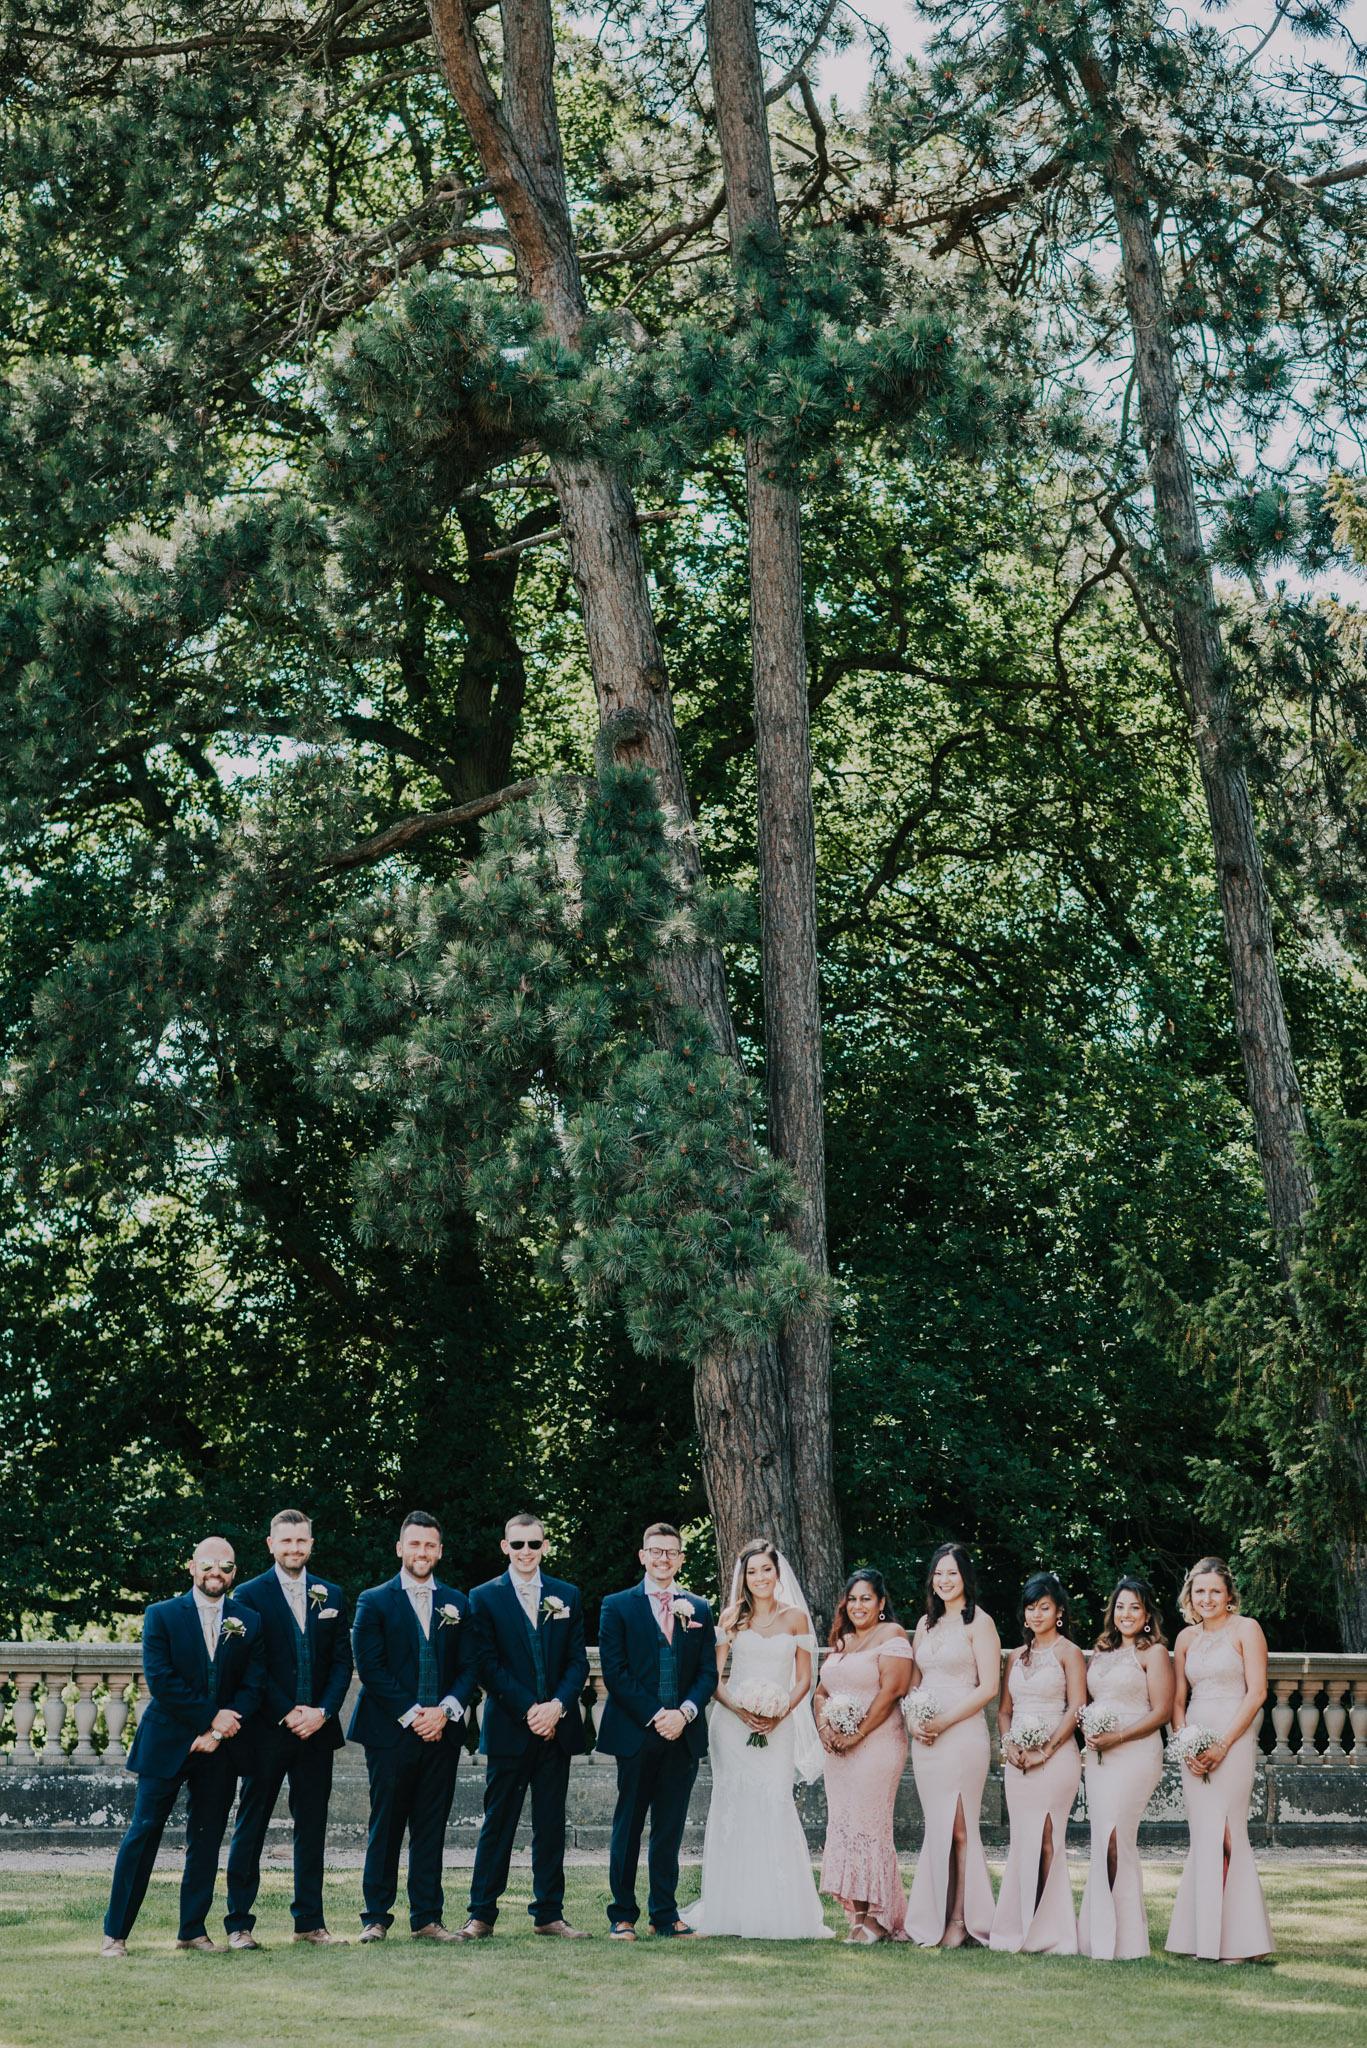 scott-stockwell-wedding-photographer-wood-norton-evesham249.jpg